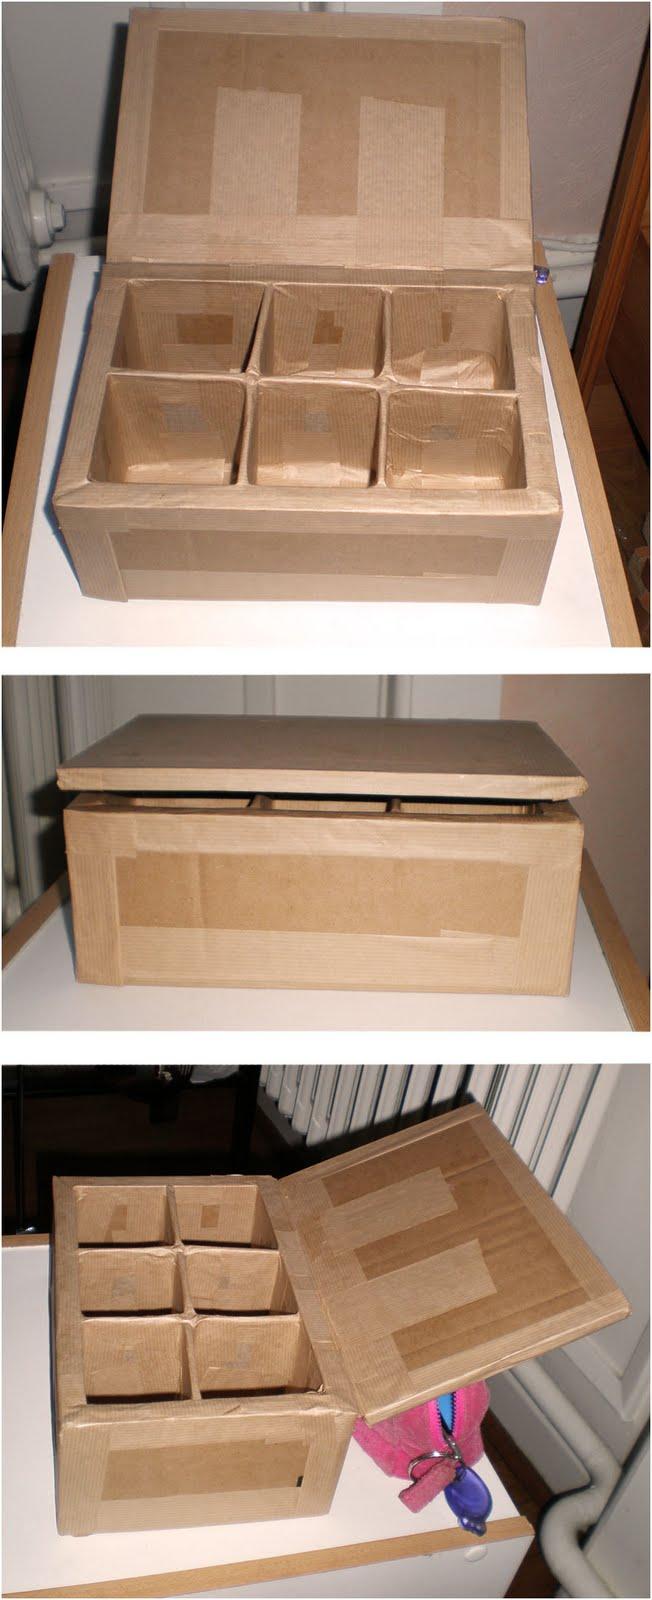 N nuphare premier pas en dessin bo te th en carton - Boite en carton a decorer pas cher ...